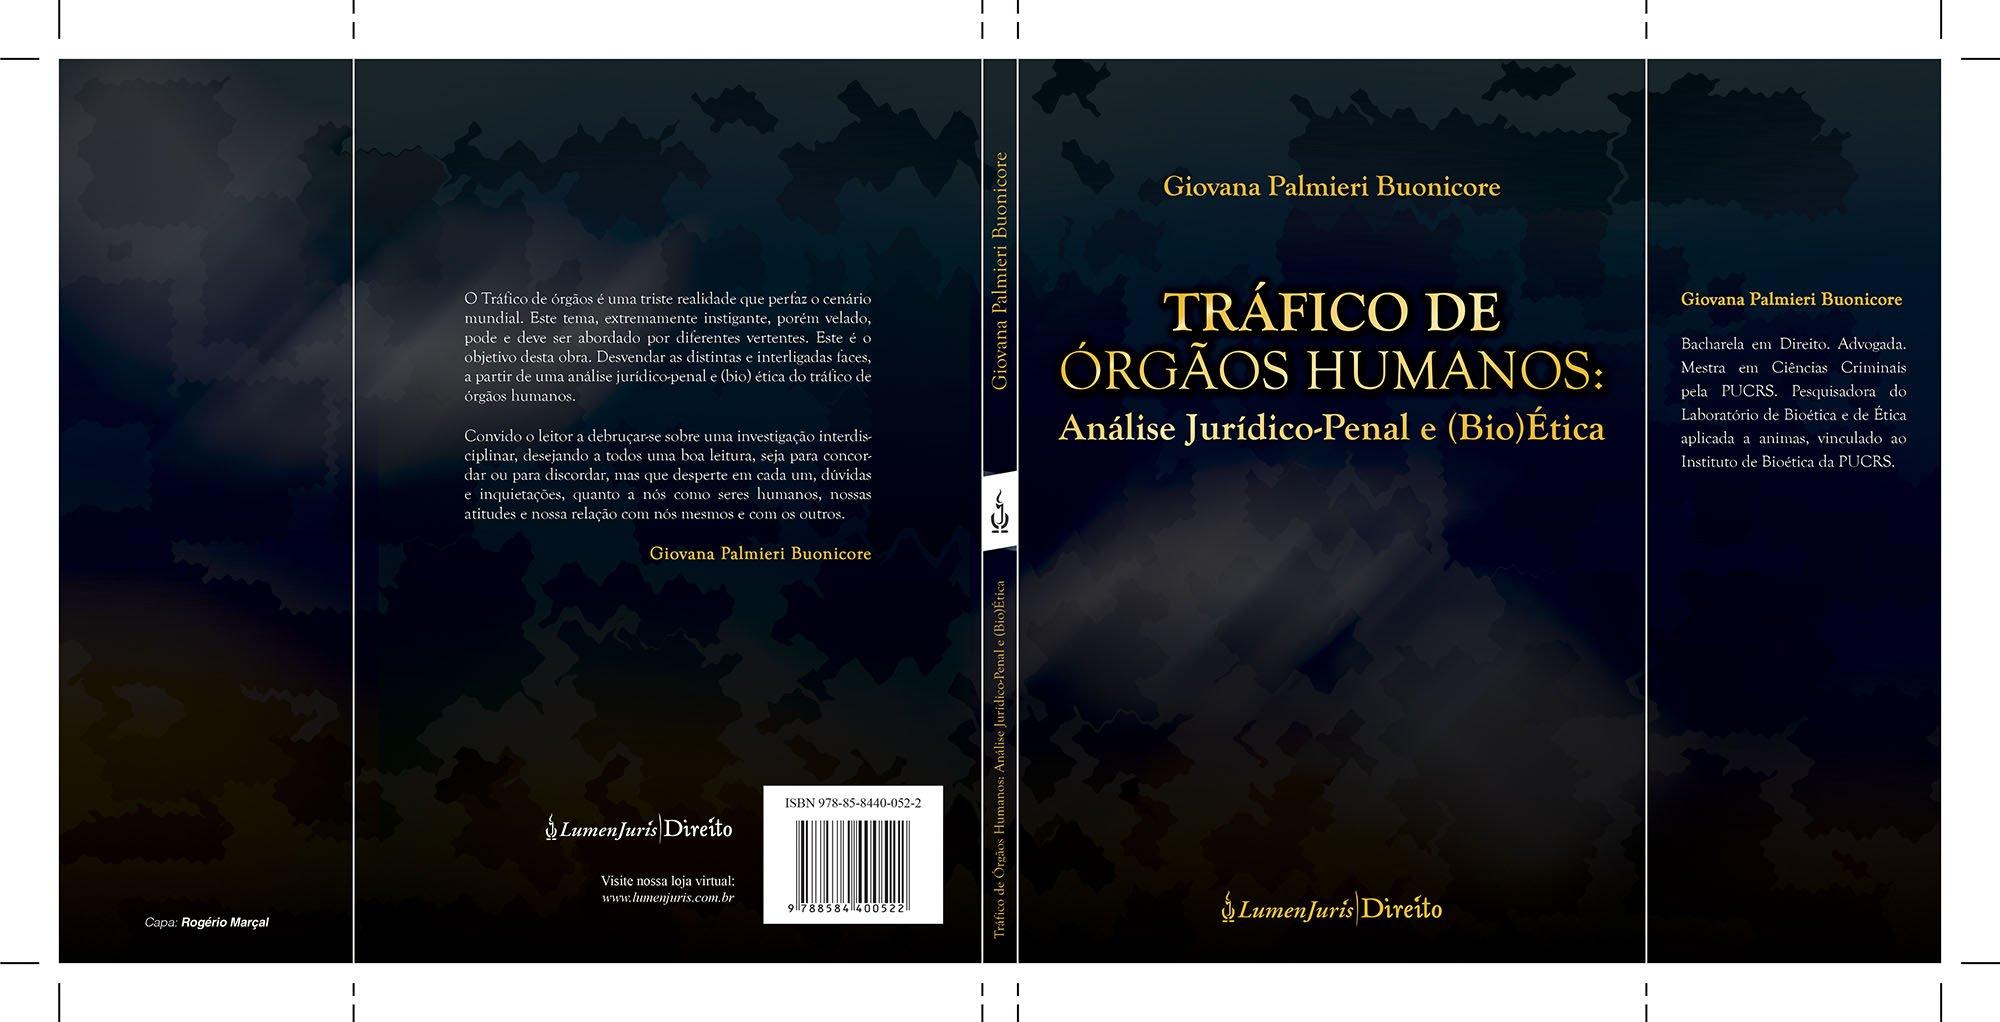 Resenha – Tráfico de Órgãos Humanos: Análise Jurídico-penal e (Bio)ética, de Giovana Palmieri Buonicore